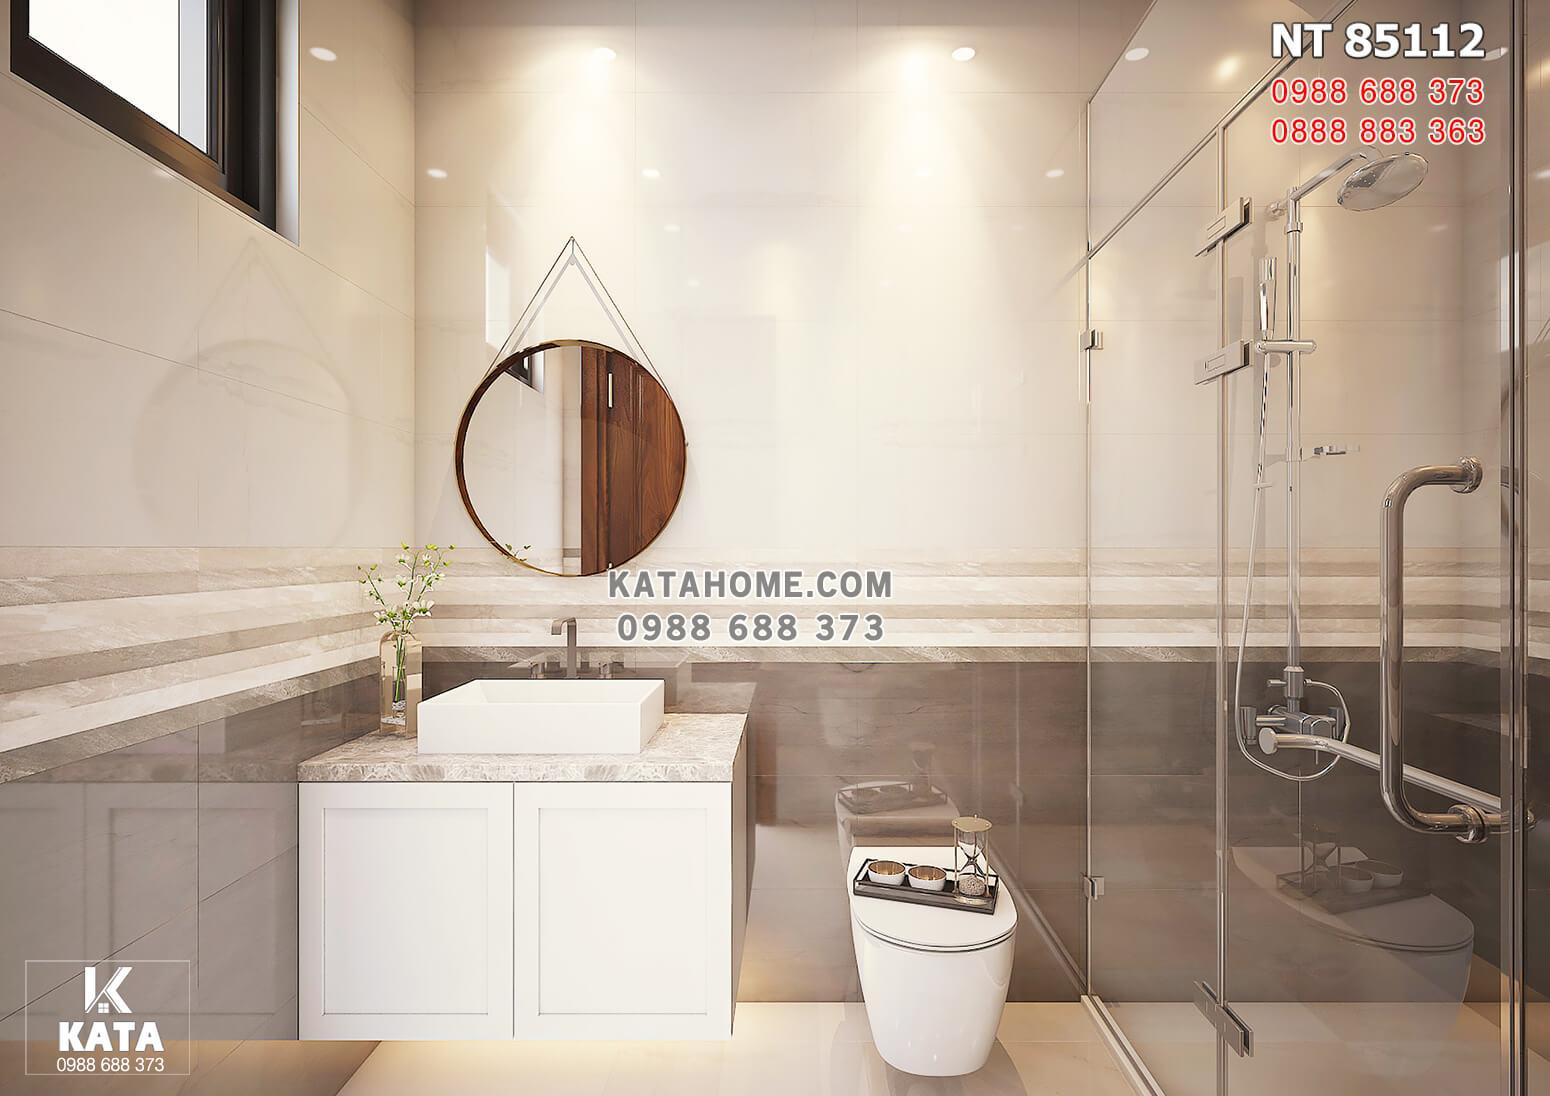 Hình ảnh: Không gian phòng vệ sinh tầng 2